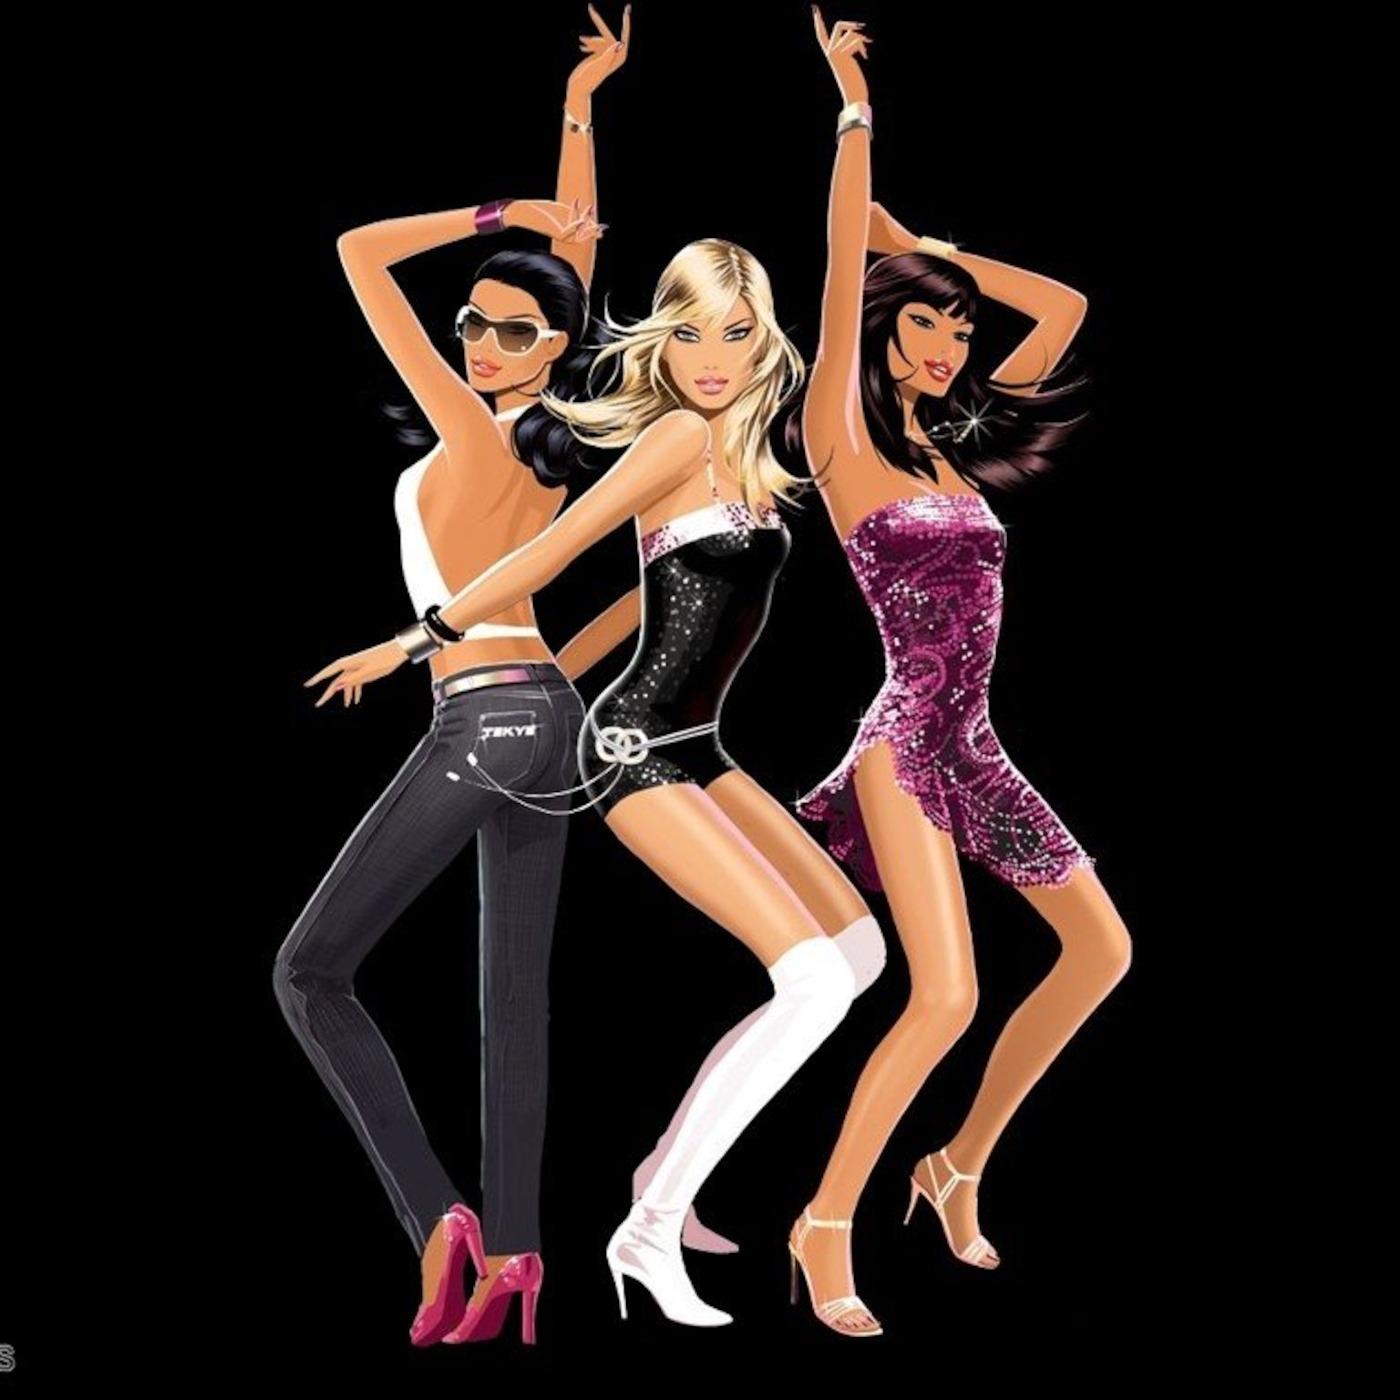 Секс в диско клубах 1 фотография